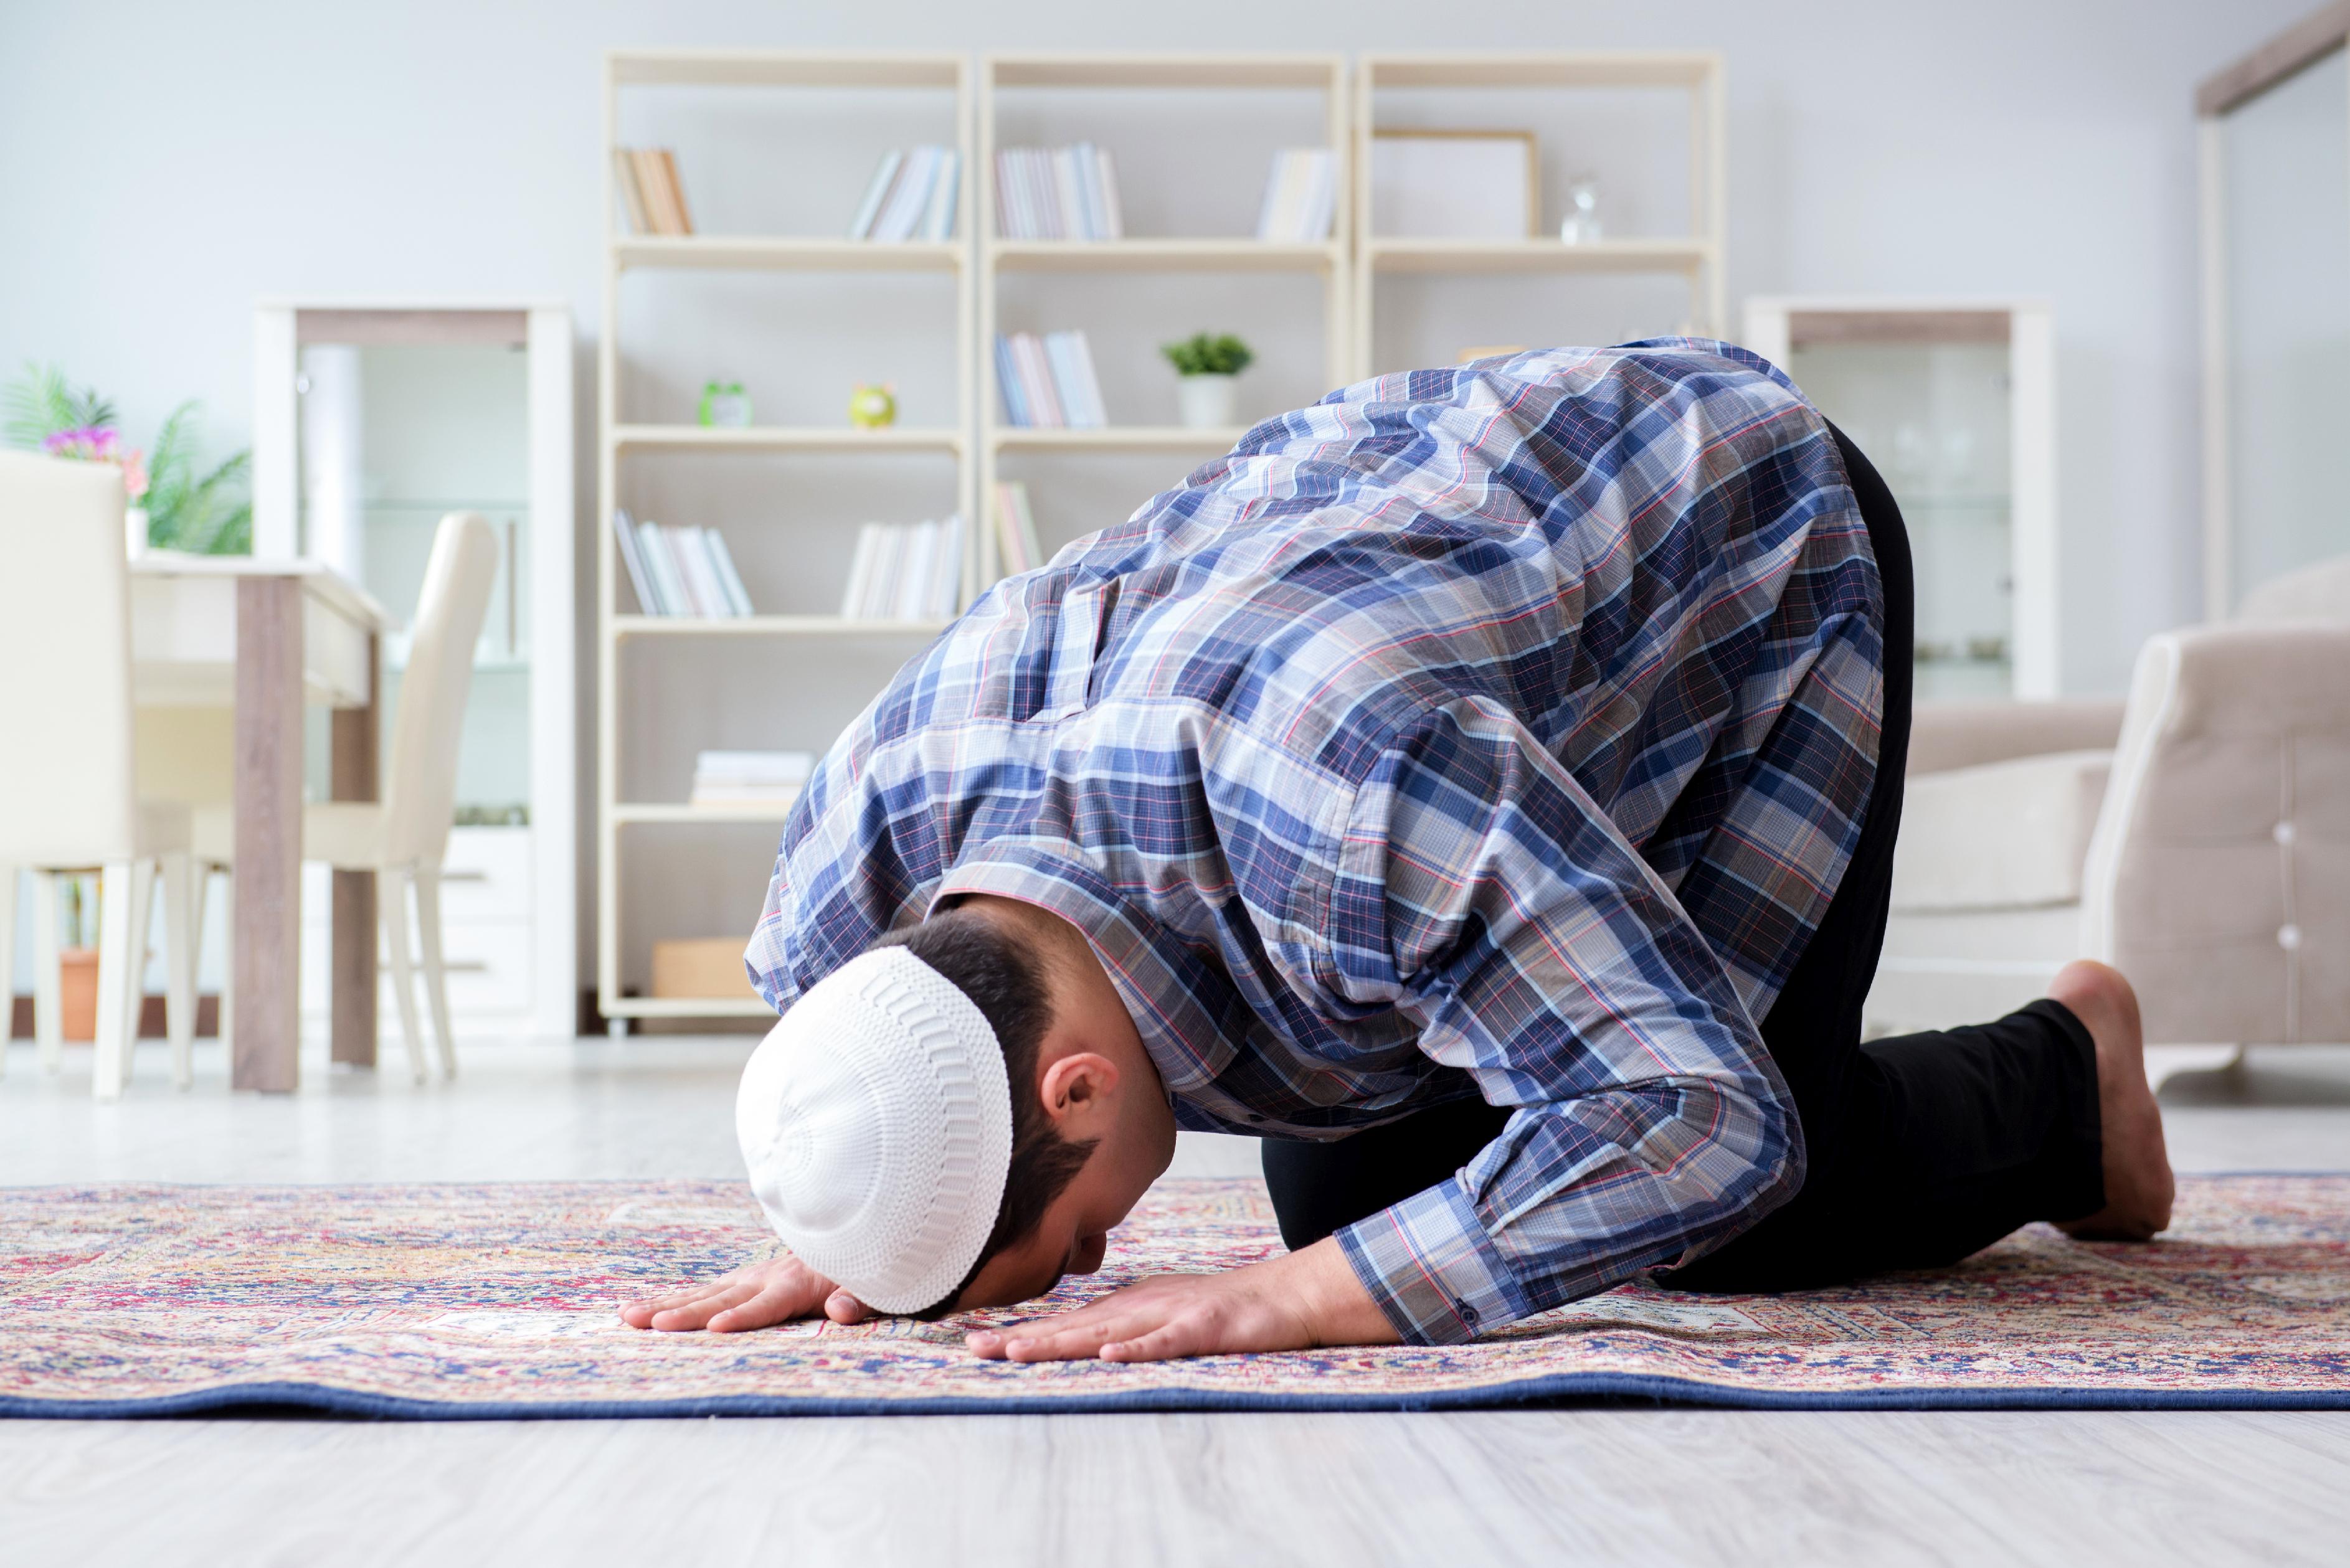 Prière surérogatoire en Islam